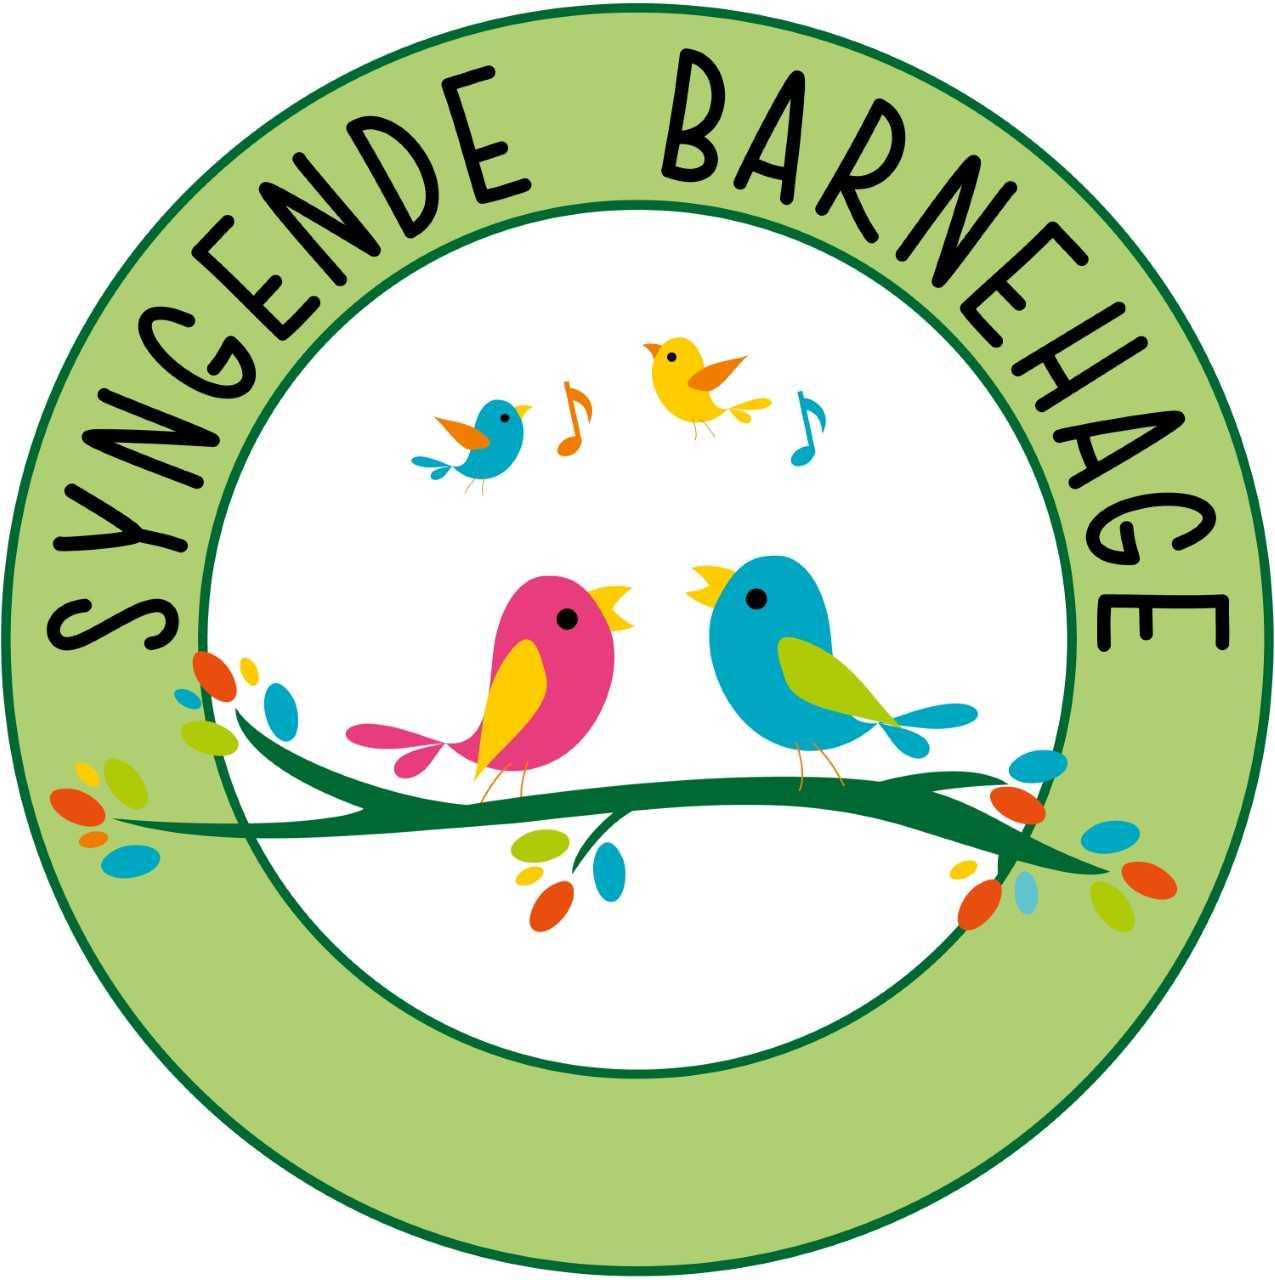 Syngende barnehage logo 2